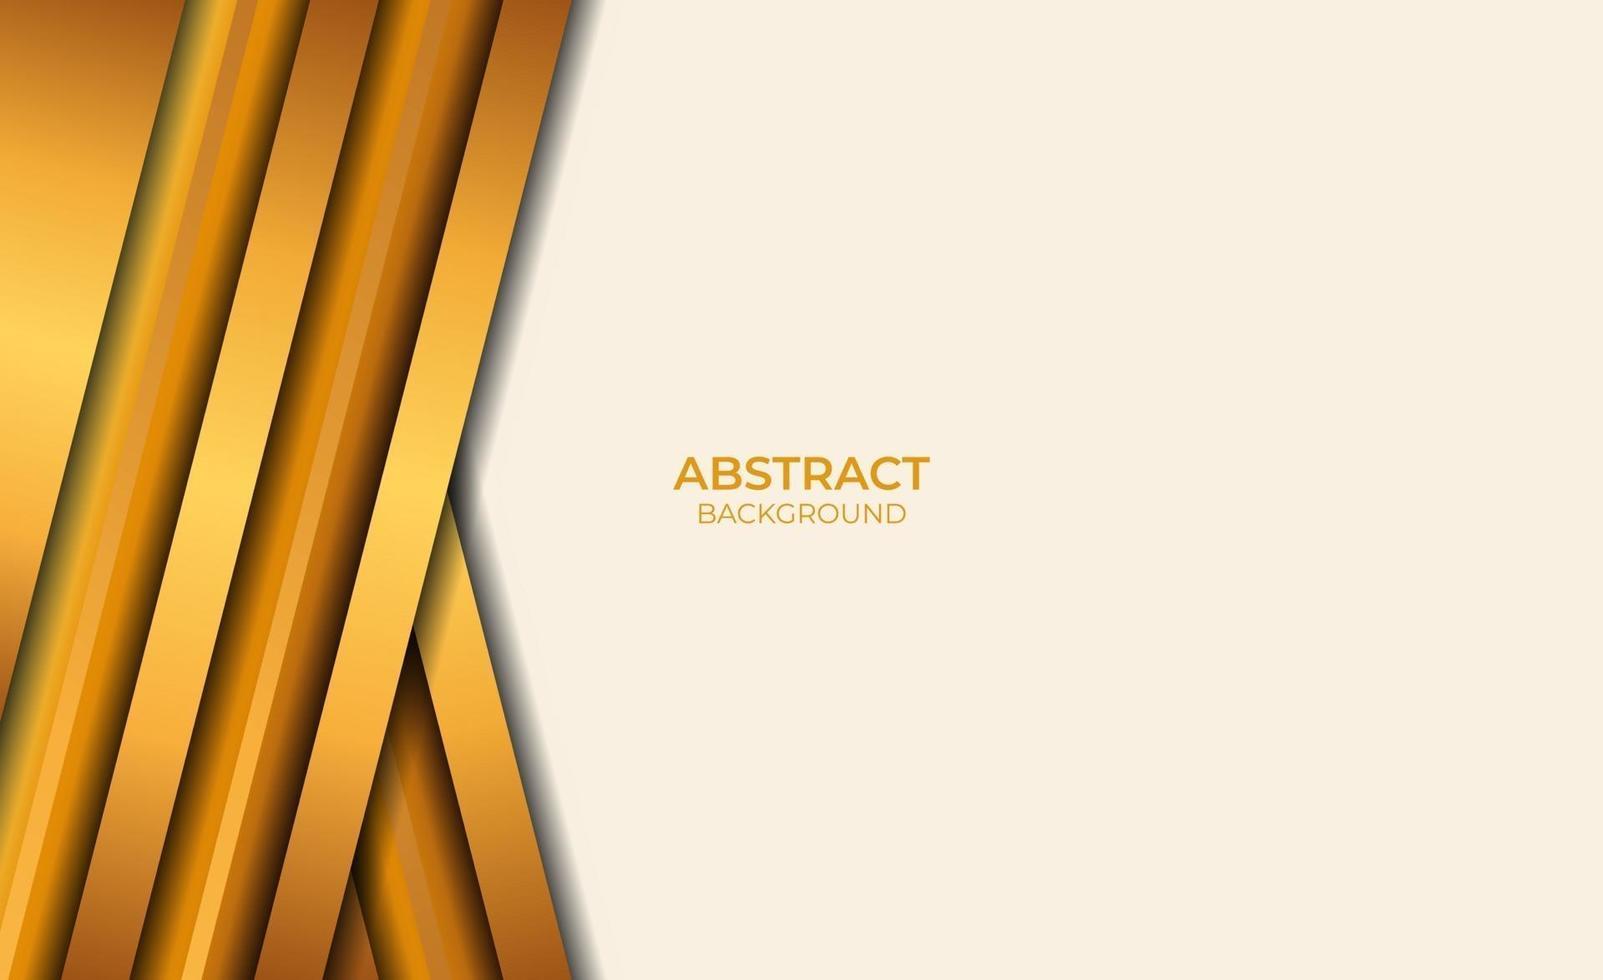 conception de style de fond abstrait marron et or vecteur